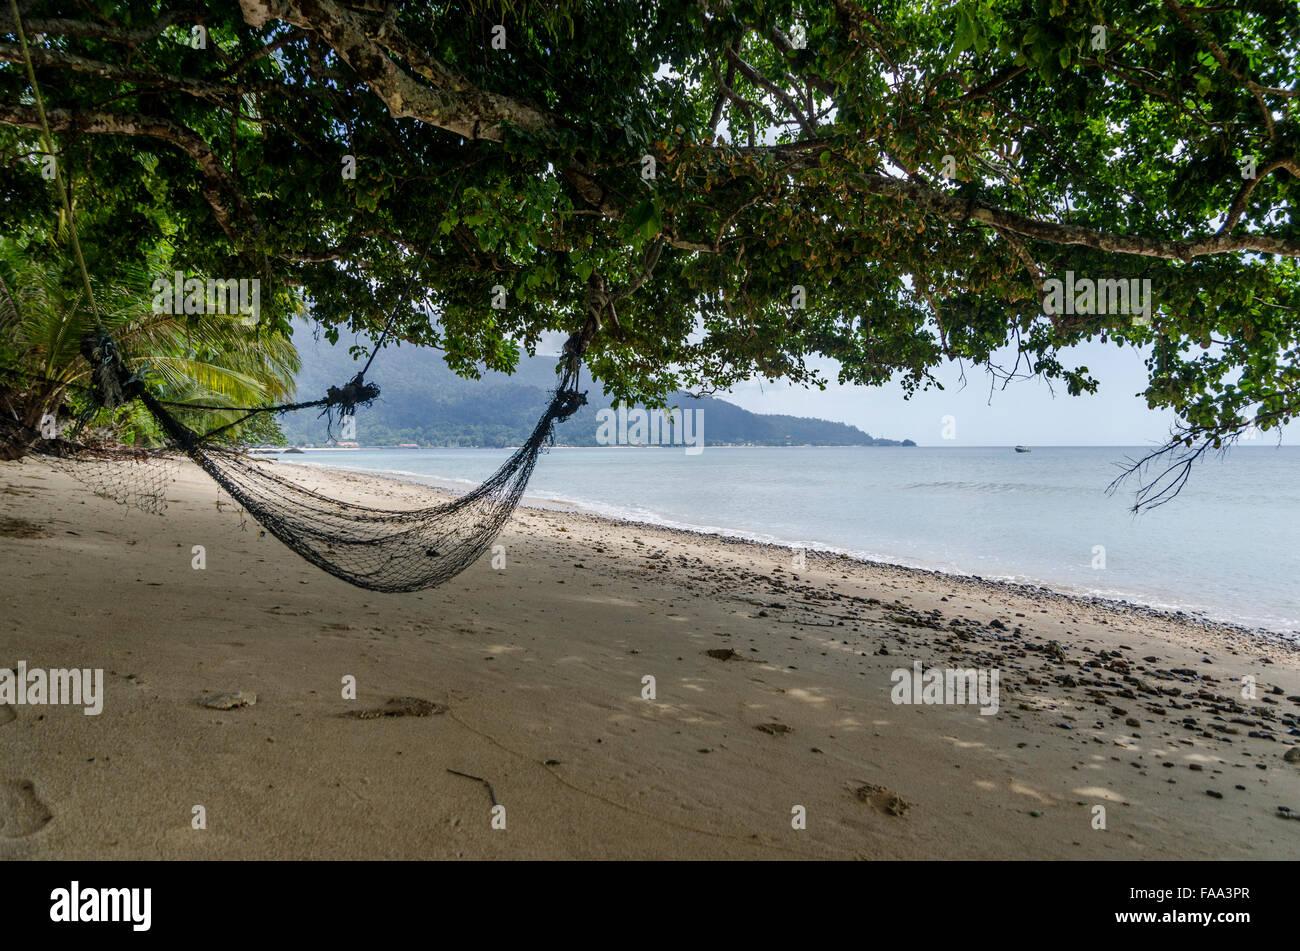 Plage de l'île de tioman en Malaisie Photo Stock